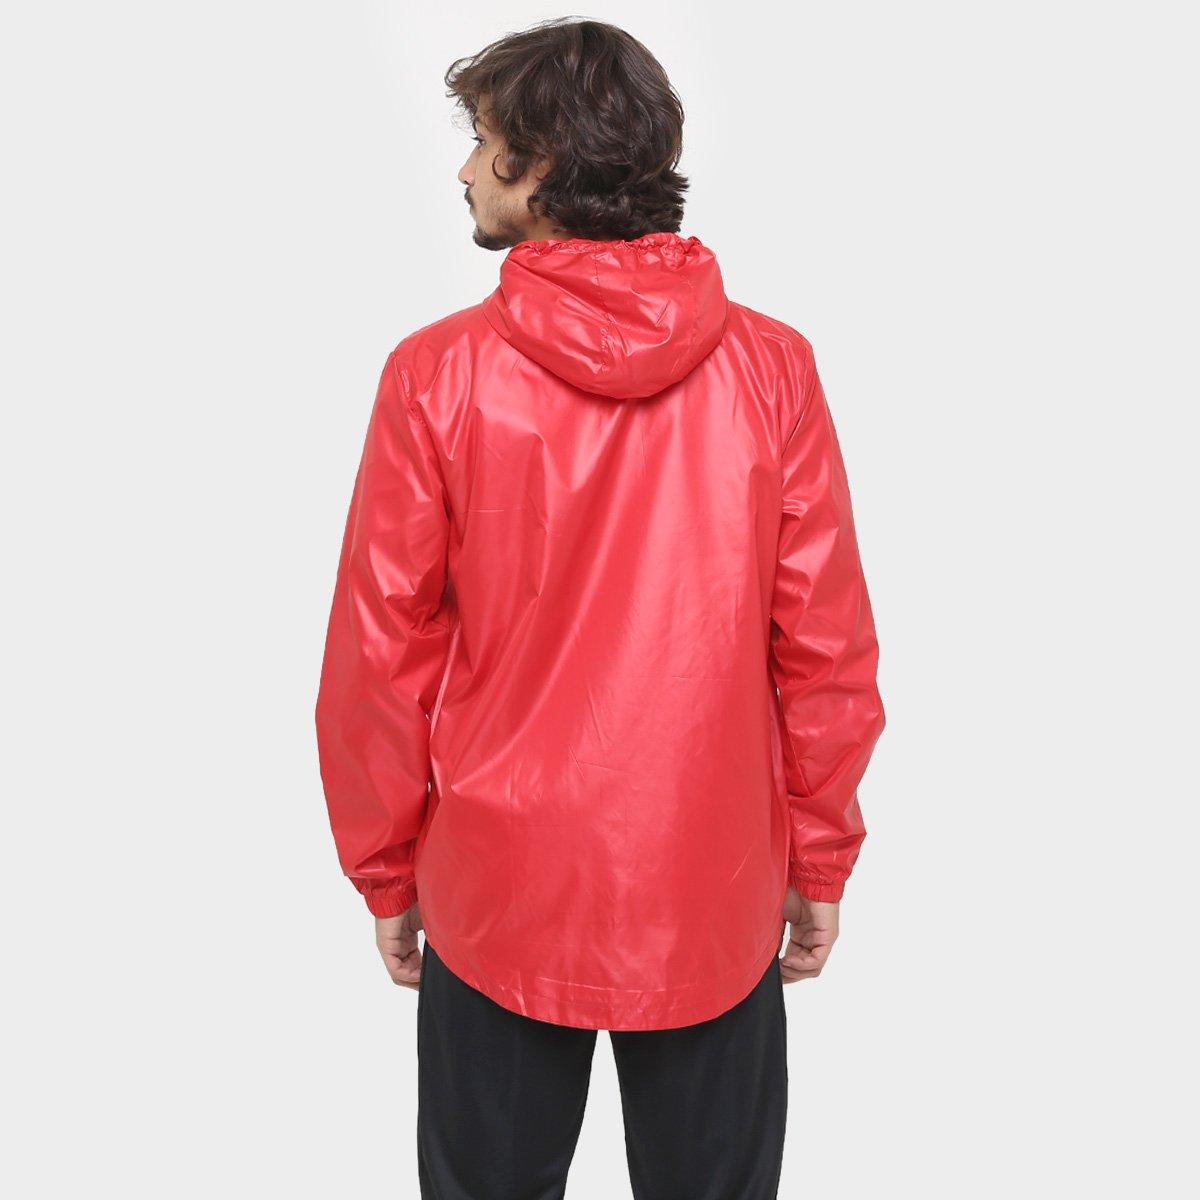 Jaqueta Flamengo Adidas Corta-Vento Especial Masculina - Compre ... 482ee97a99763